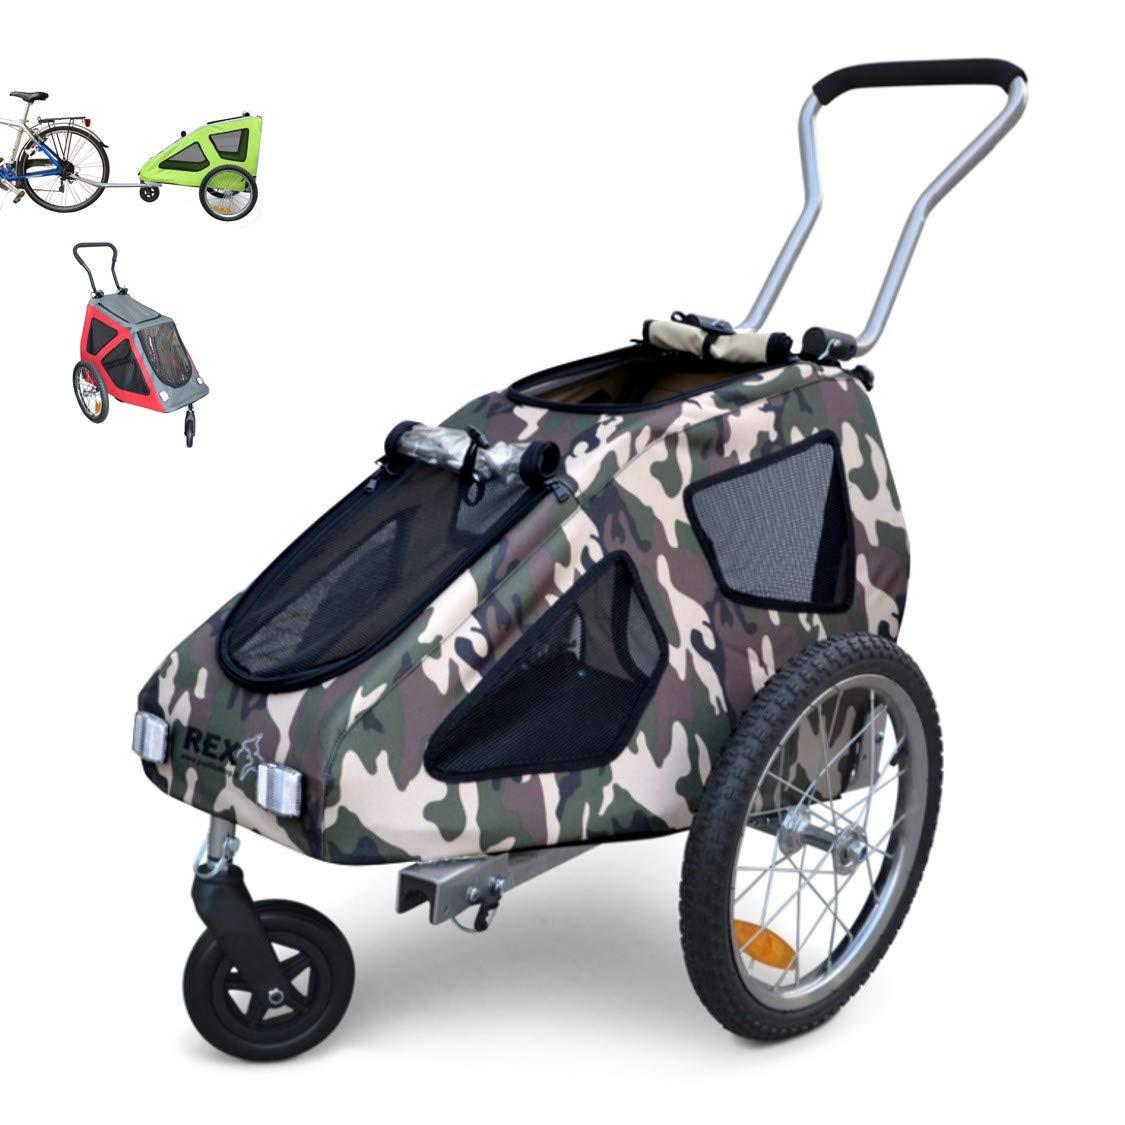 Polironeshop Rex - Remolque y carrito de bicicleta para el transporte de perros